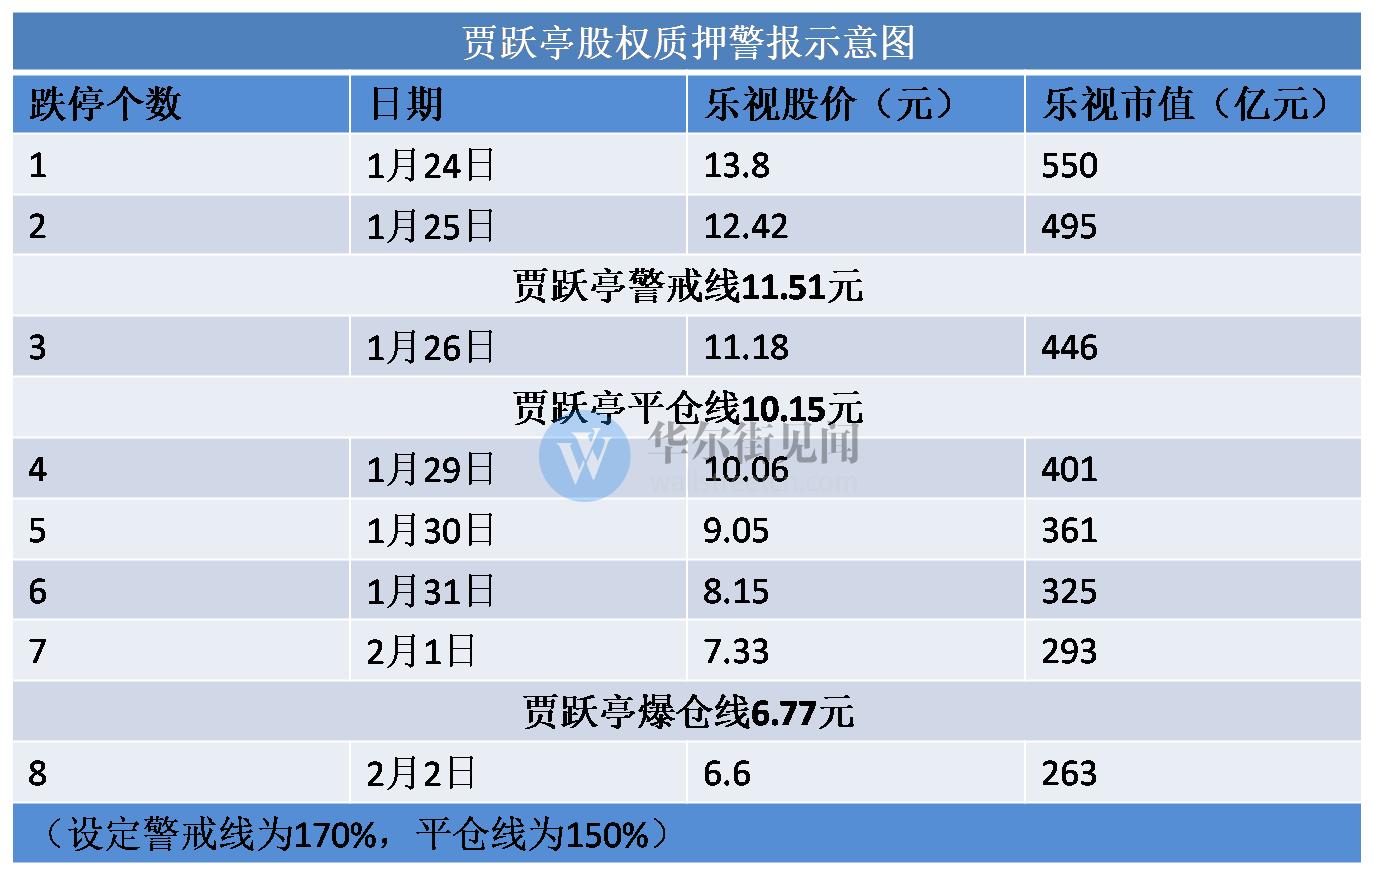 """连续四天跌停 """"贾老板""""很快就要面临爆仓危机 - yuhongbo555888 - yuhongbo555888的博客"""